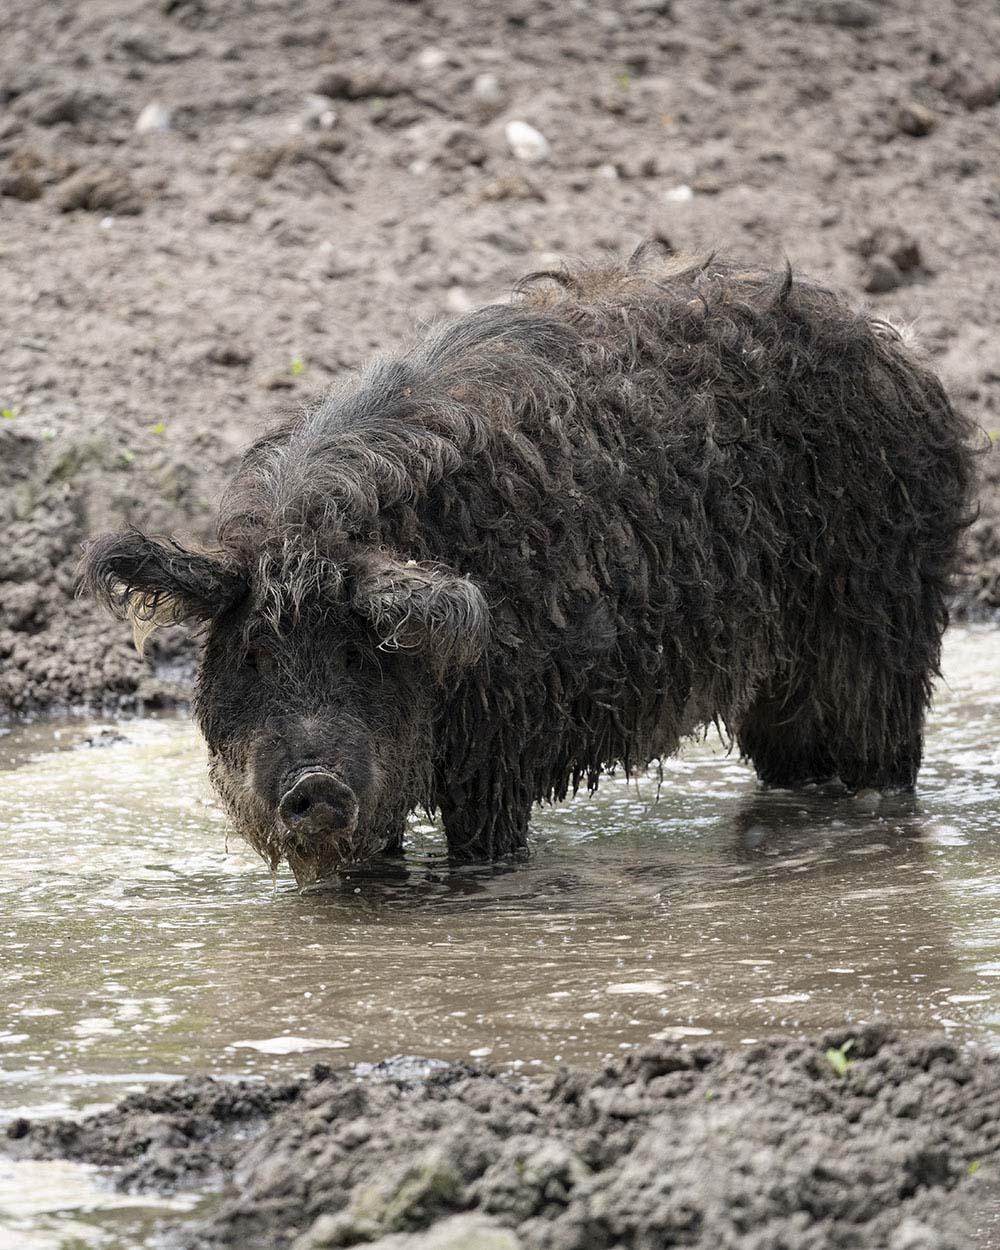 Ein Schwein suhlt im Tierpark Arche Warder im Wasser und Schlamm.